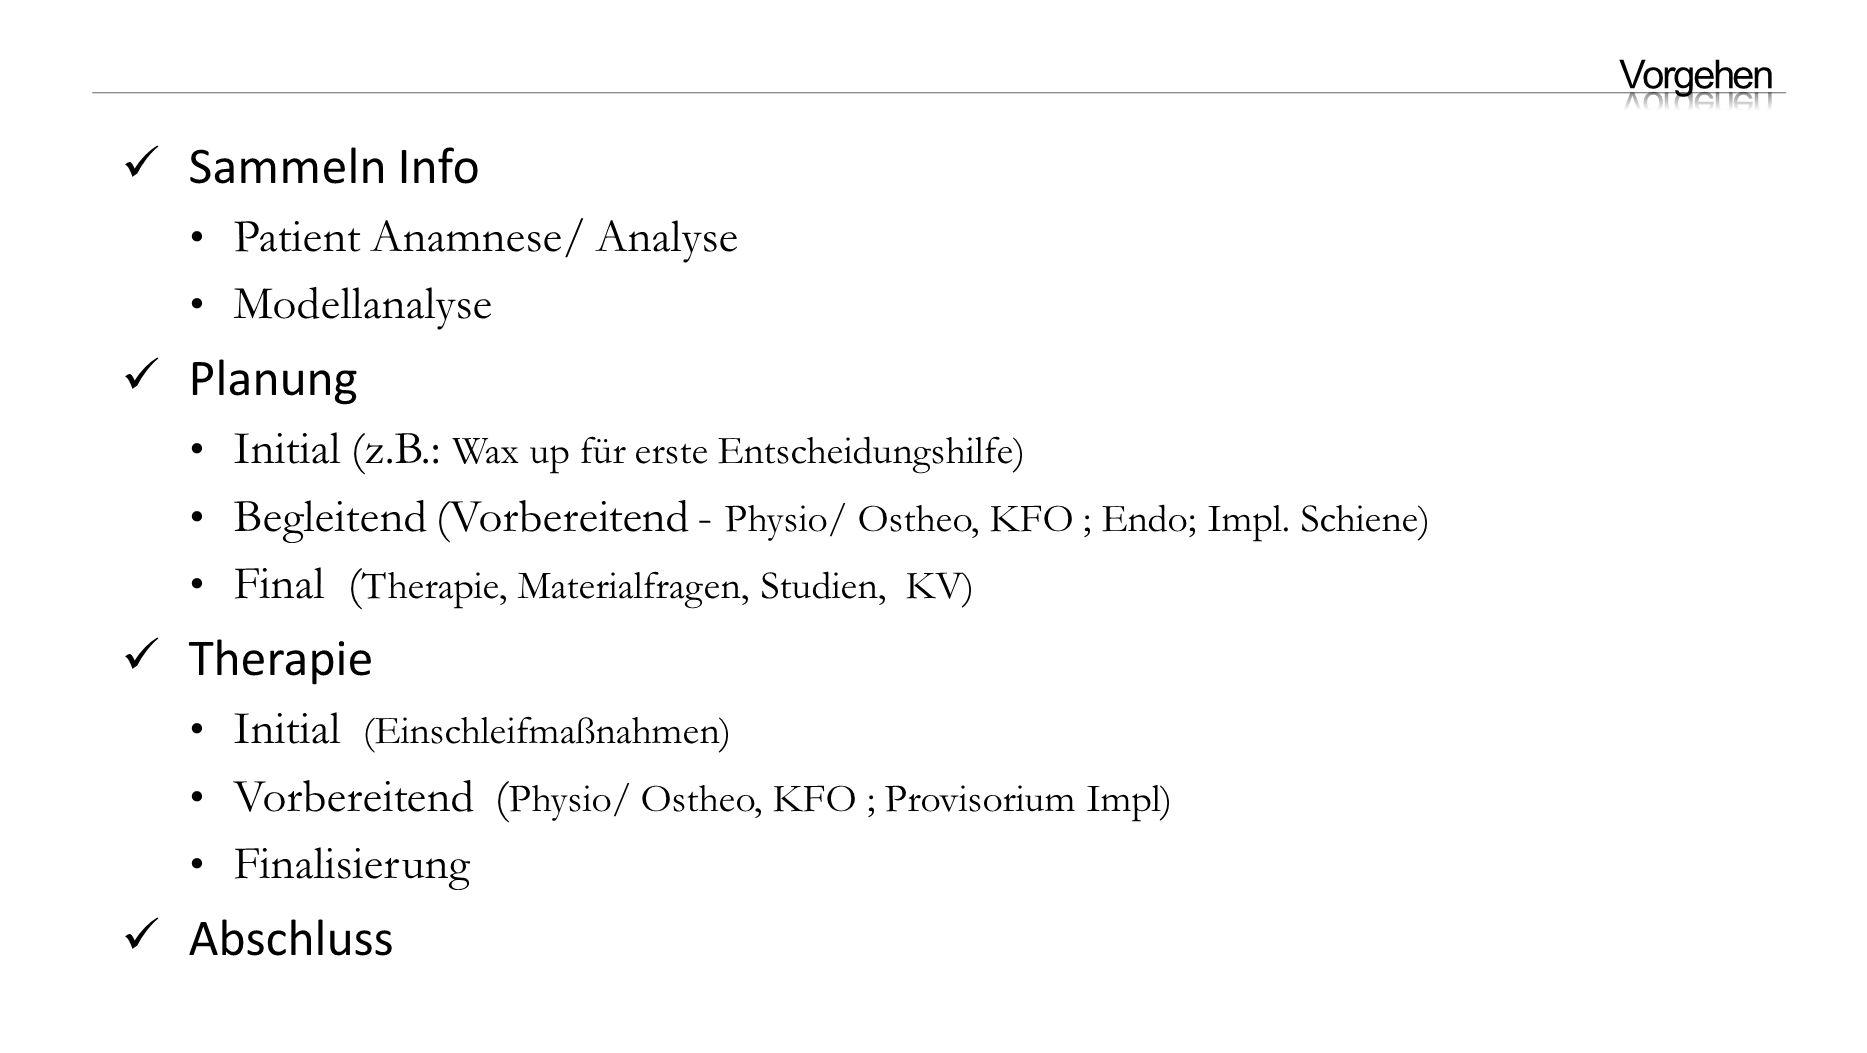 Sammeln von Information Patient Analyse Modell Analyse Planung Initial Parallel / Vorbereitung Final Therapie Initial Parallel / Vorbereitung Finalisation Finale